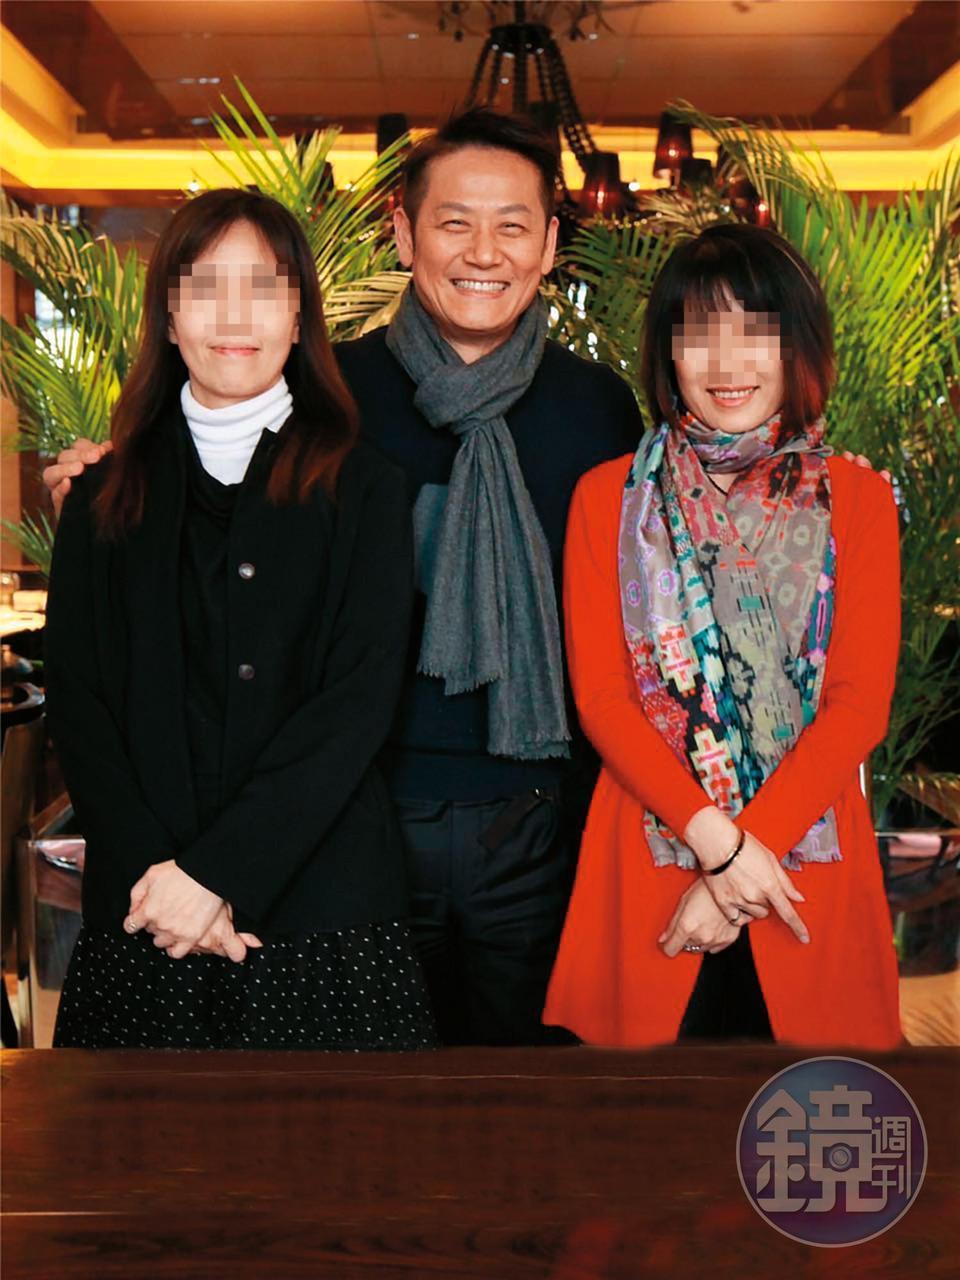 徐乃麟(中)與曹姓友人(左)一起投資手遊公司,還同赴北京簽約,不料卻爆出捲款、詐騙糾紛。(當事人提供)